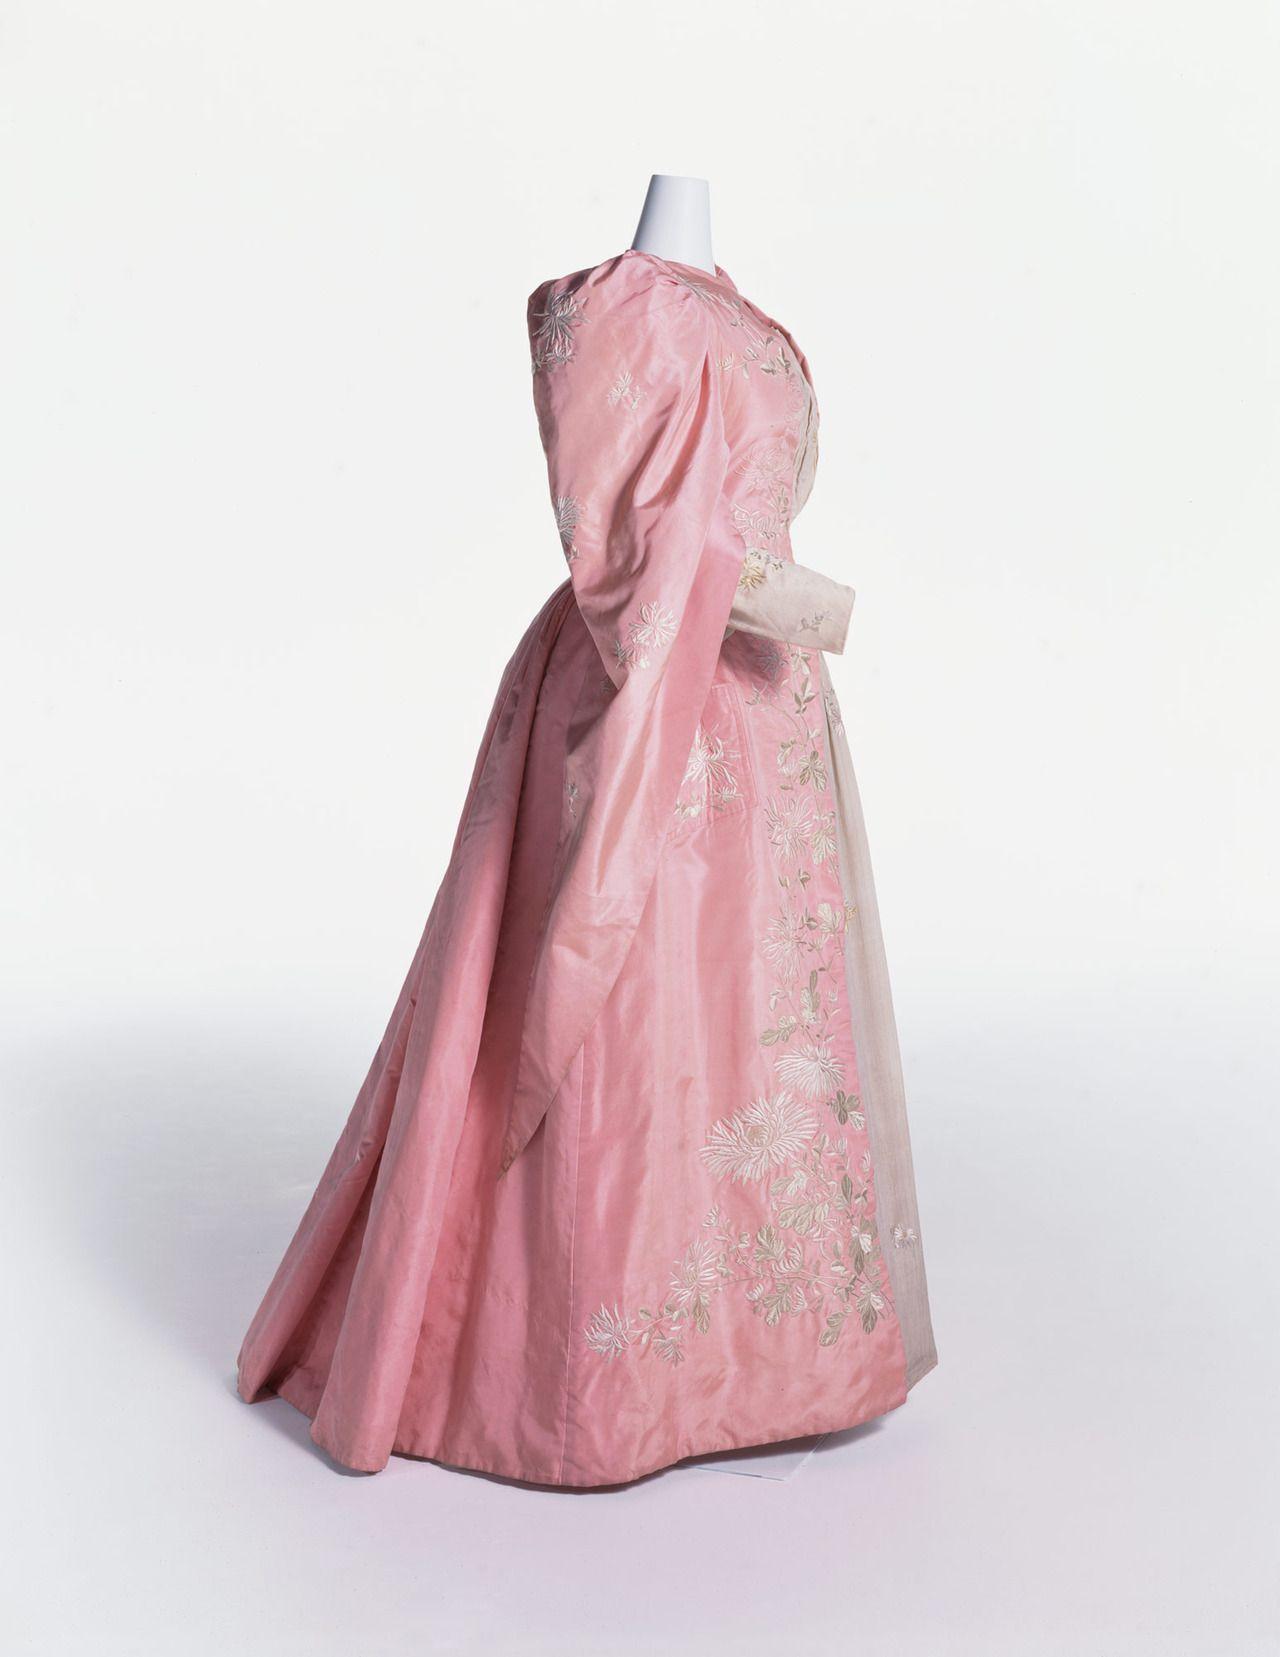 Hermosa Vestido De Novia Siglo 19 Imágenes - Colección de Vestidos ...